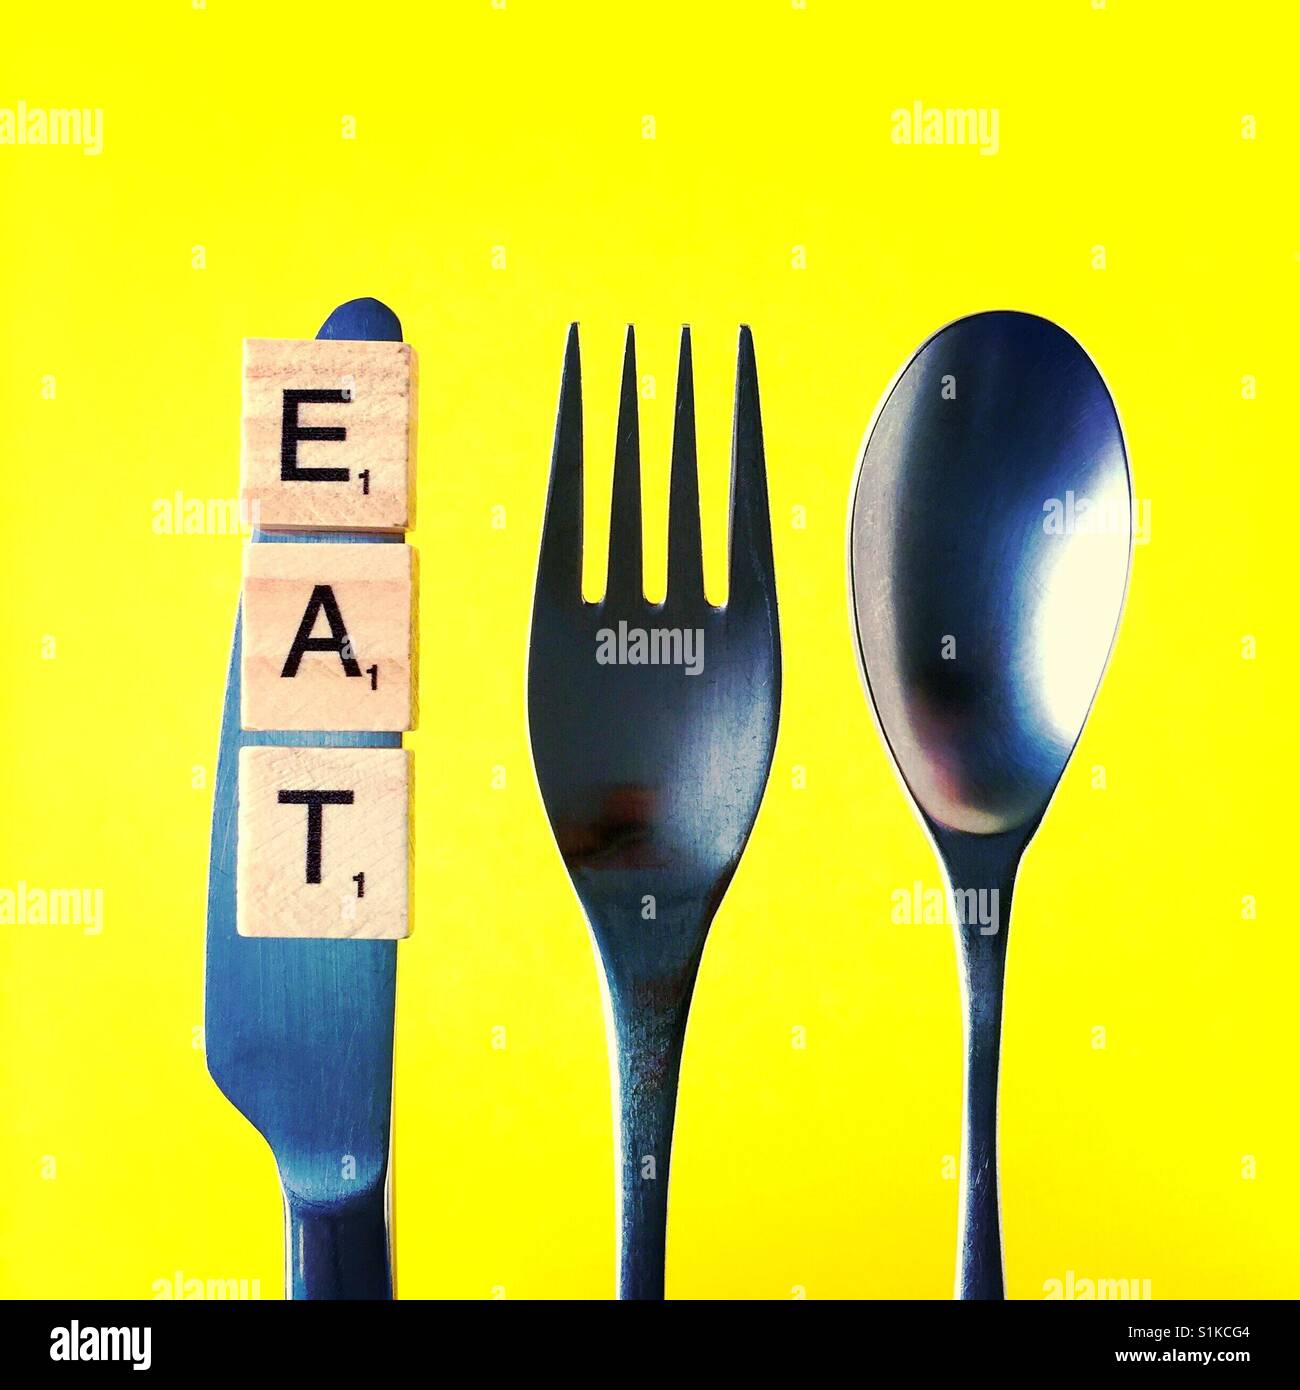 Una fotografía cenital de un cuchillo y un tenedor y una cuchara sobre un fondo amarillo con la palabra comer Imagen De Stock